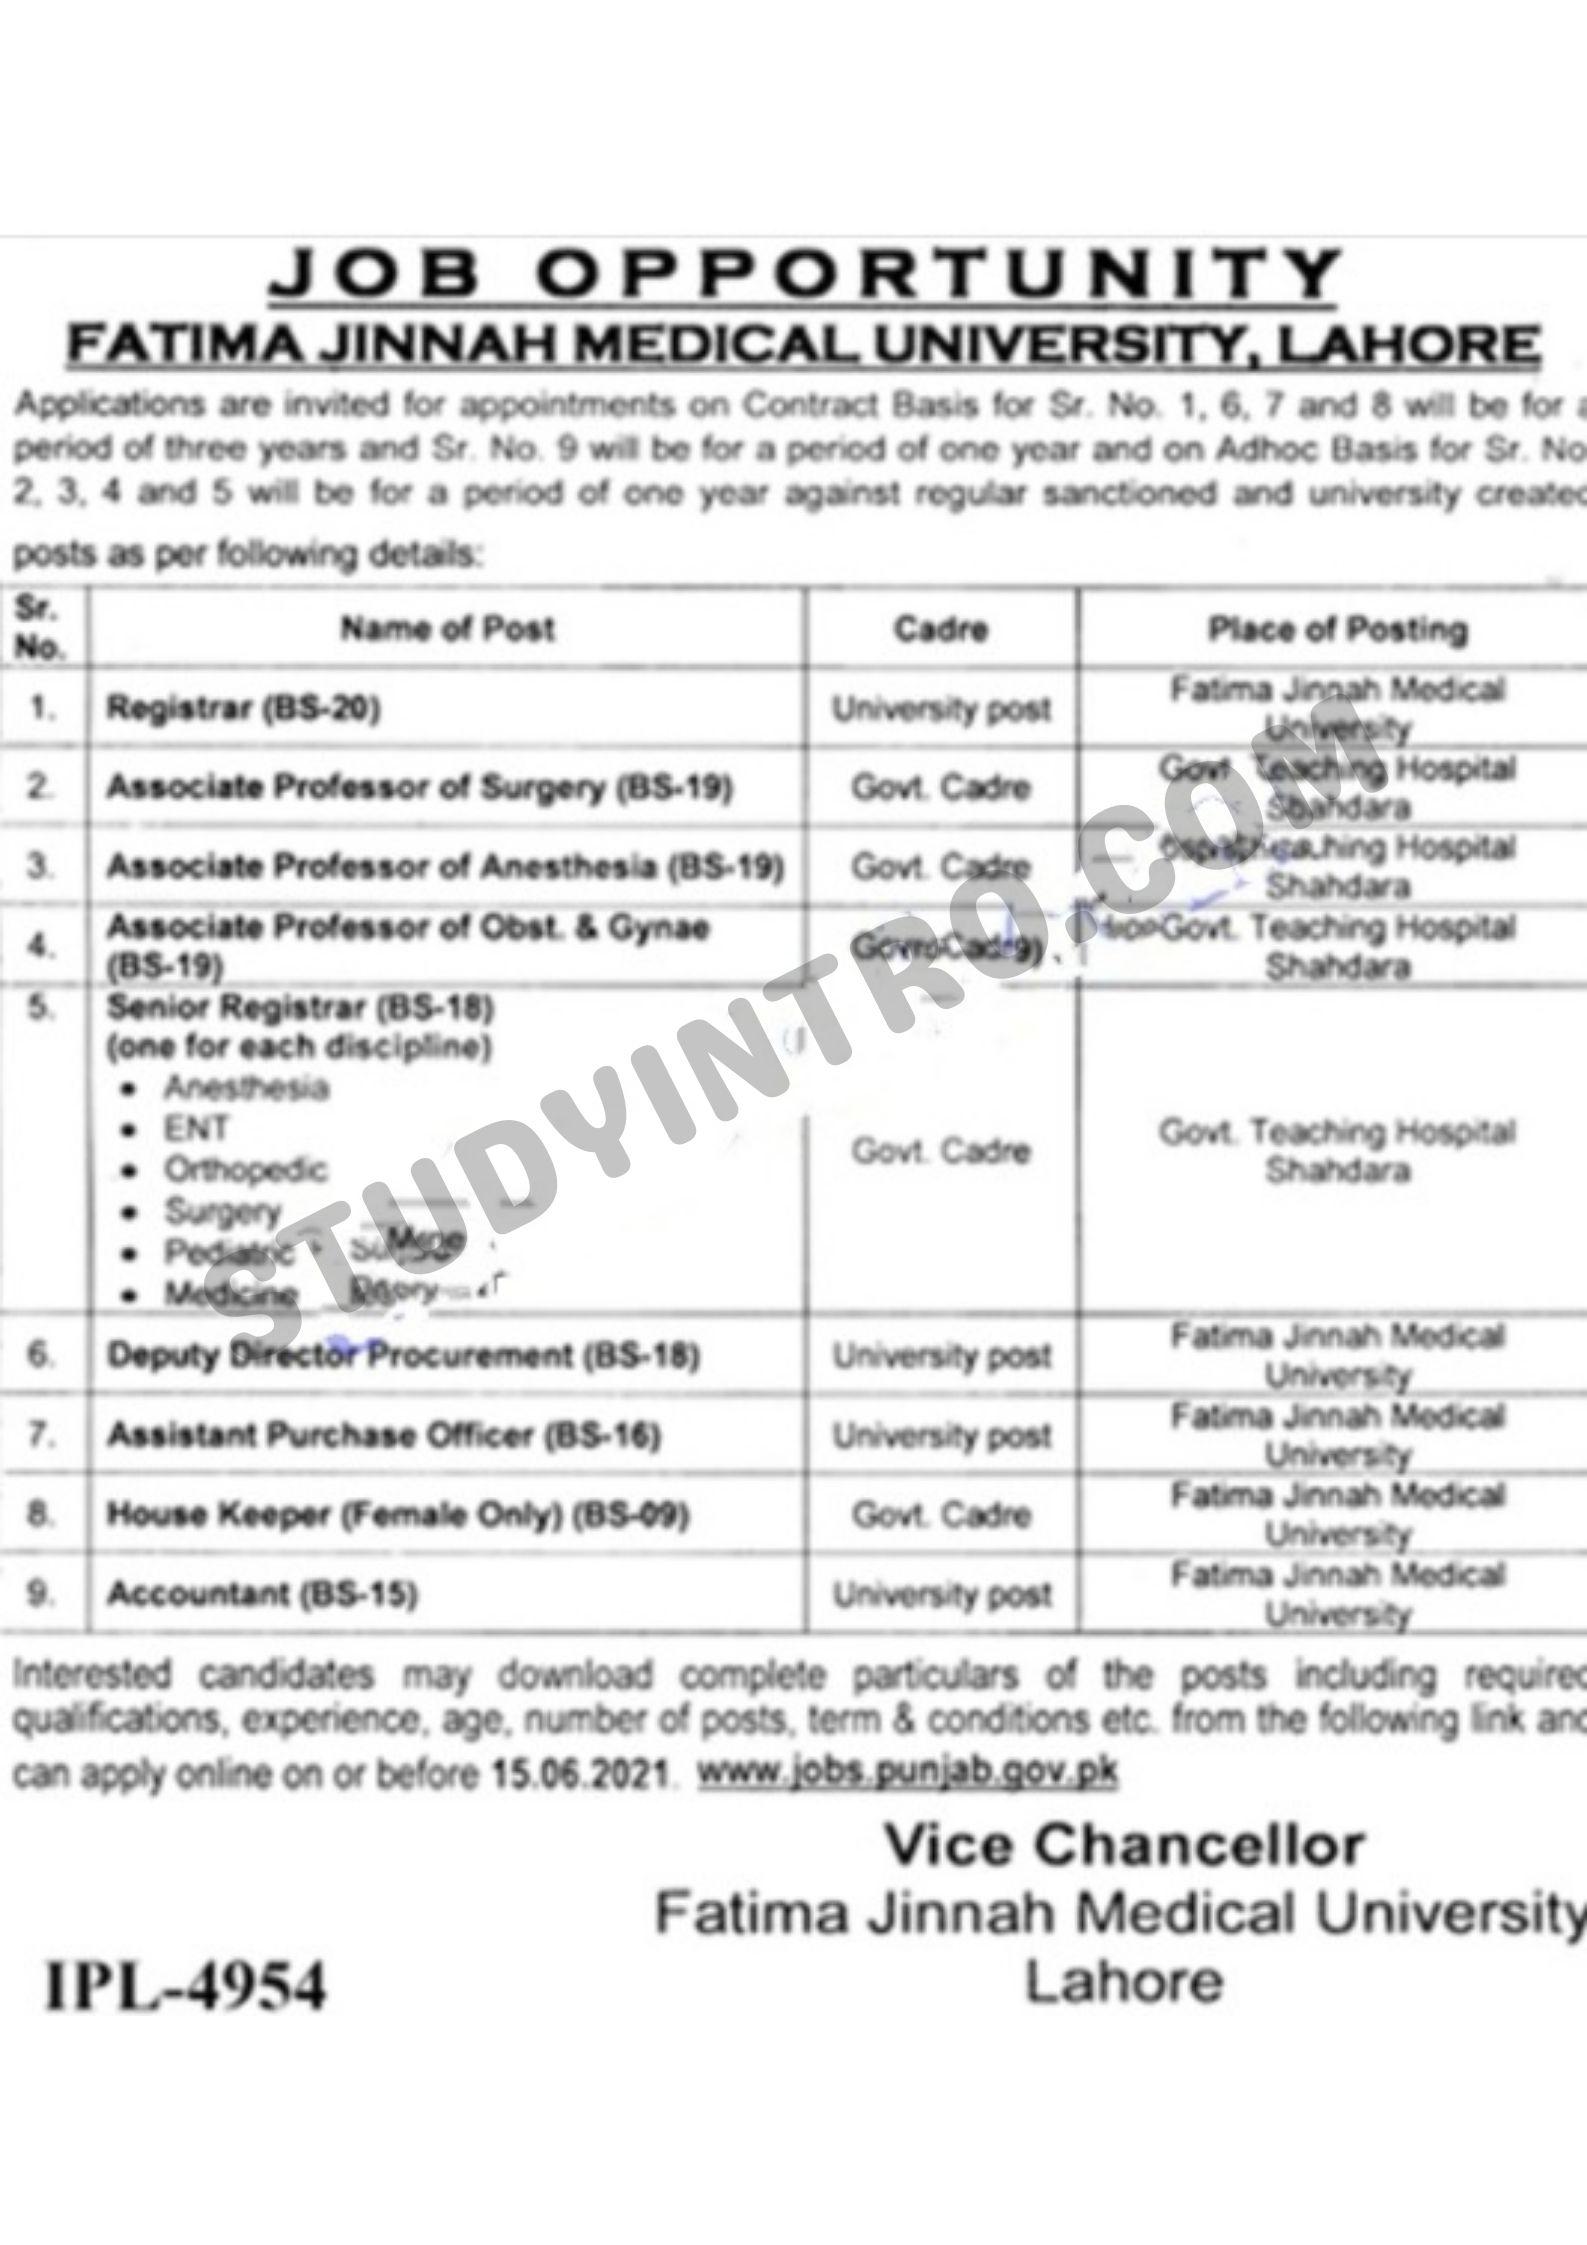 Jobs in Fatima Jinnah Medical University Lahore 2021